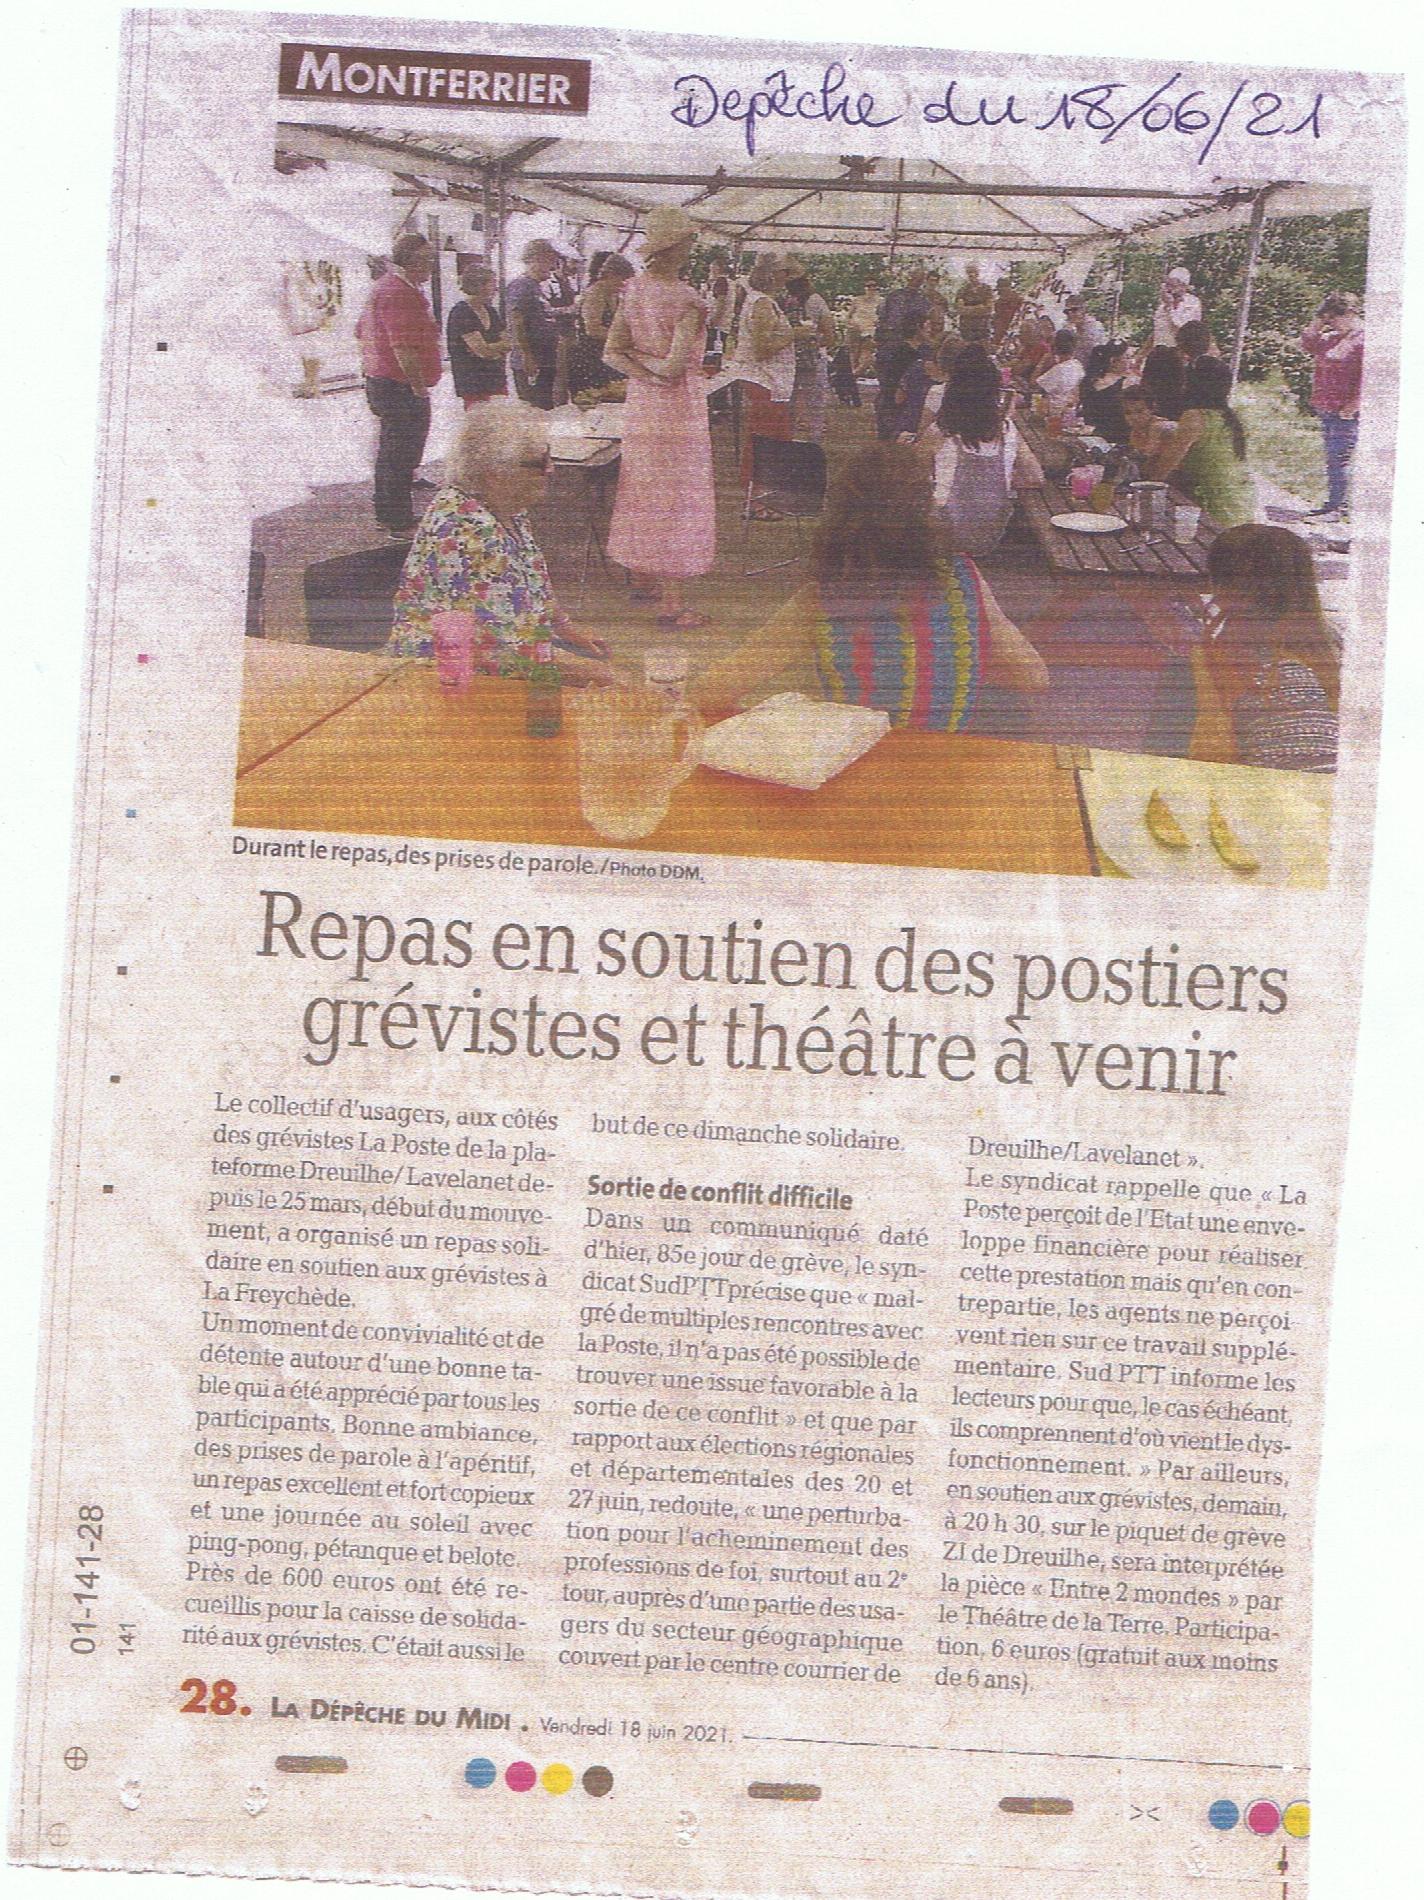 article dépèche - soutien aux postier de dreuilh- creation collective citoyenne- entre 2 mondes - theéâtre de la terre- Ariège